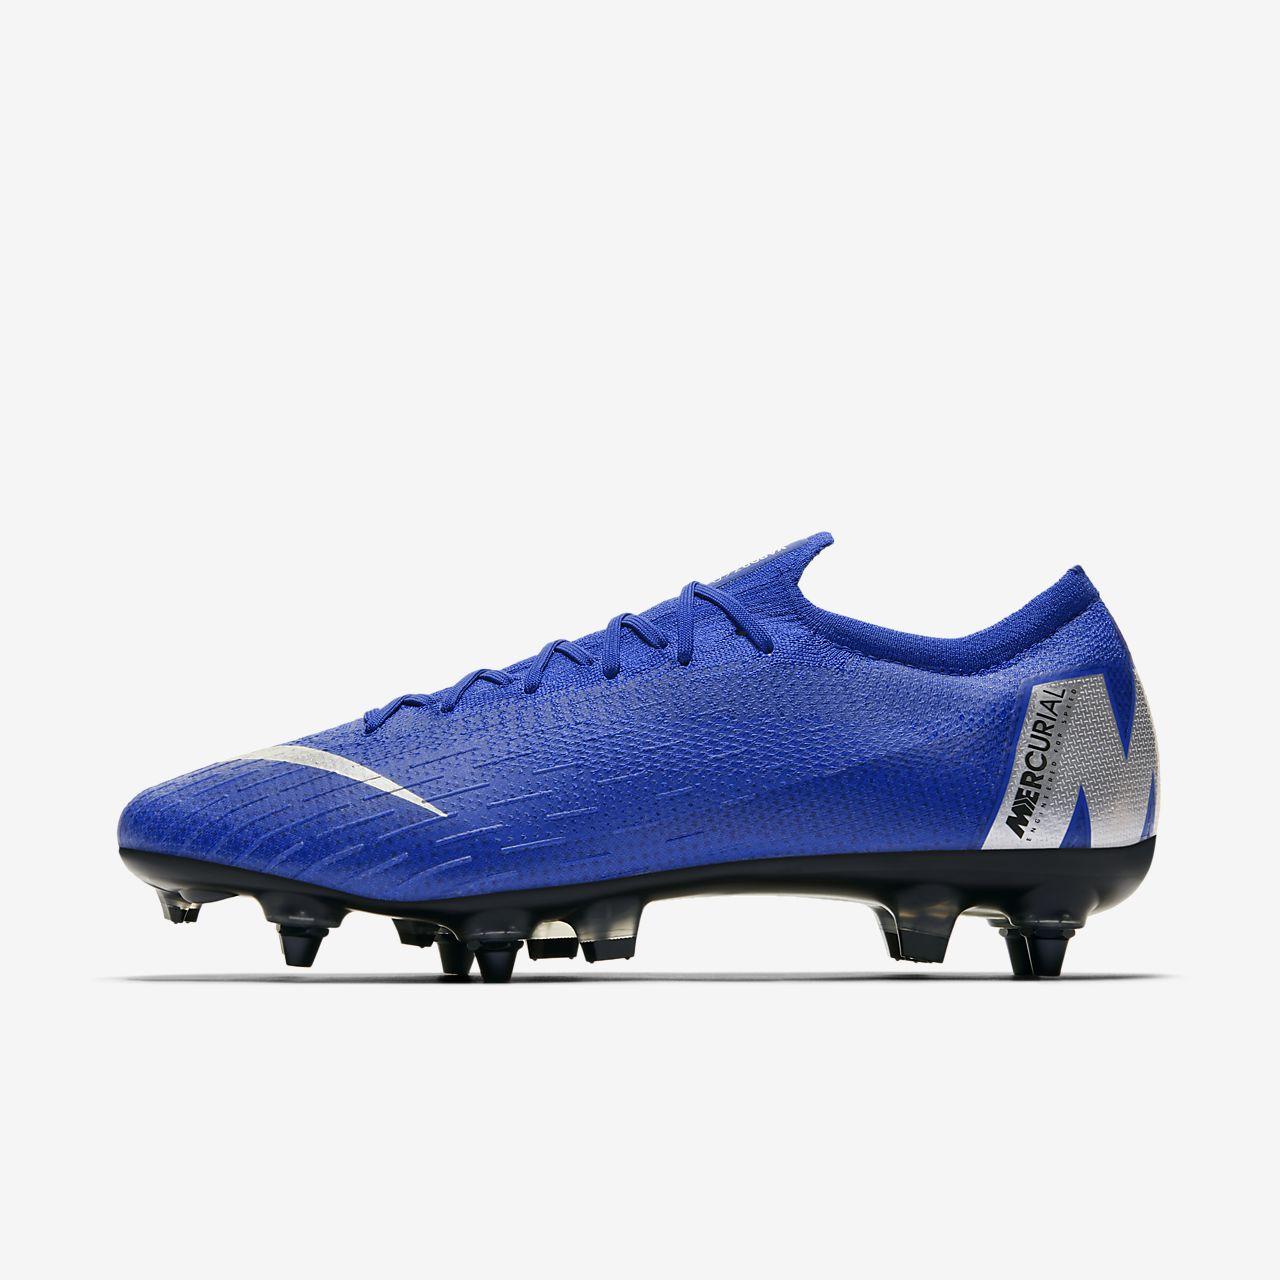 4aa714c5410a Футбольные бутсы для игры на мягком грунте Nike Mercurial Vapor 360 Elite SG-PRO  Anti